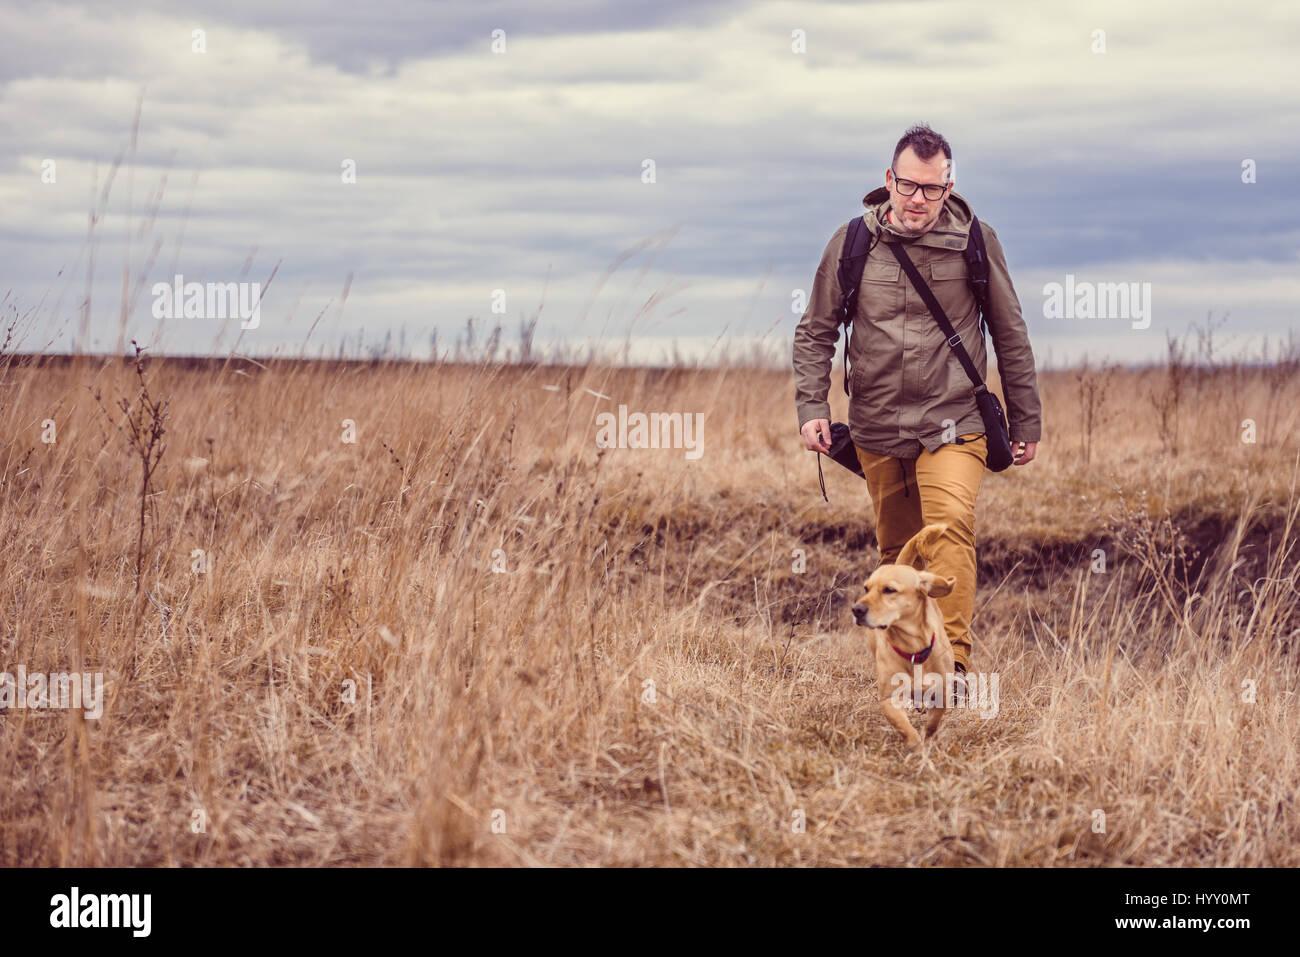 Escursionista e piccolo cane giallo a piedi nella prateria in un giorno nuvoloso Immagini Stock